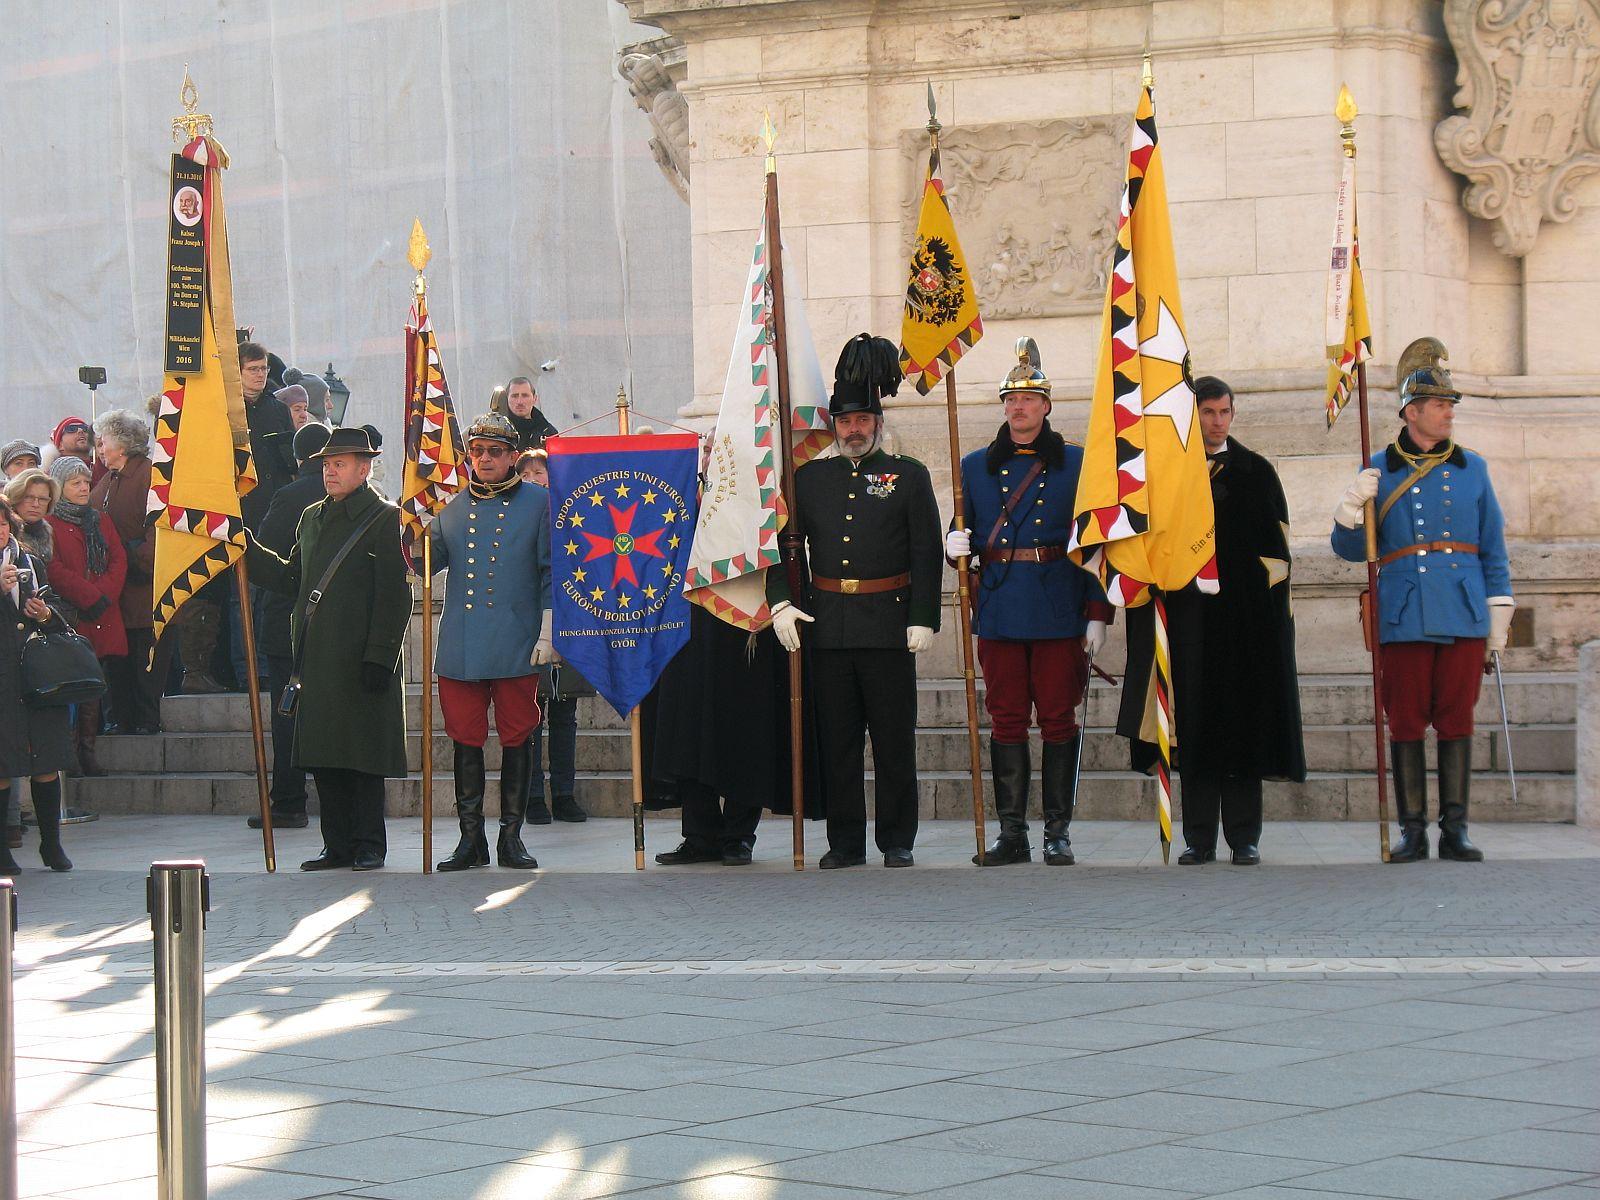 Boldog IV. Károly királlyá koronázásának centenáriumi ünnepsége